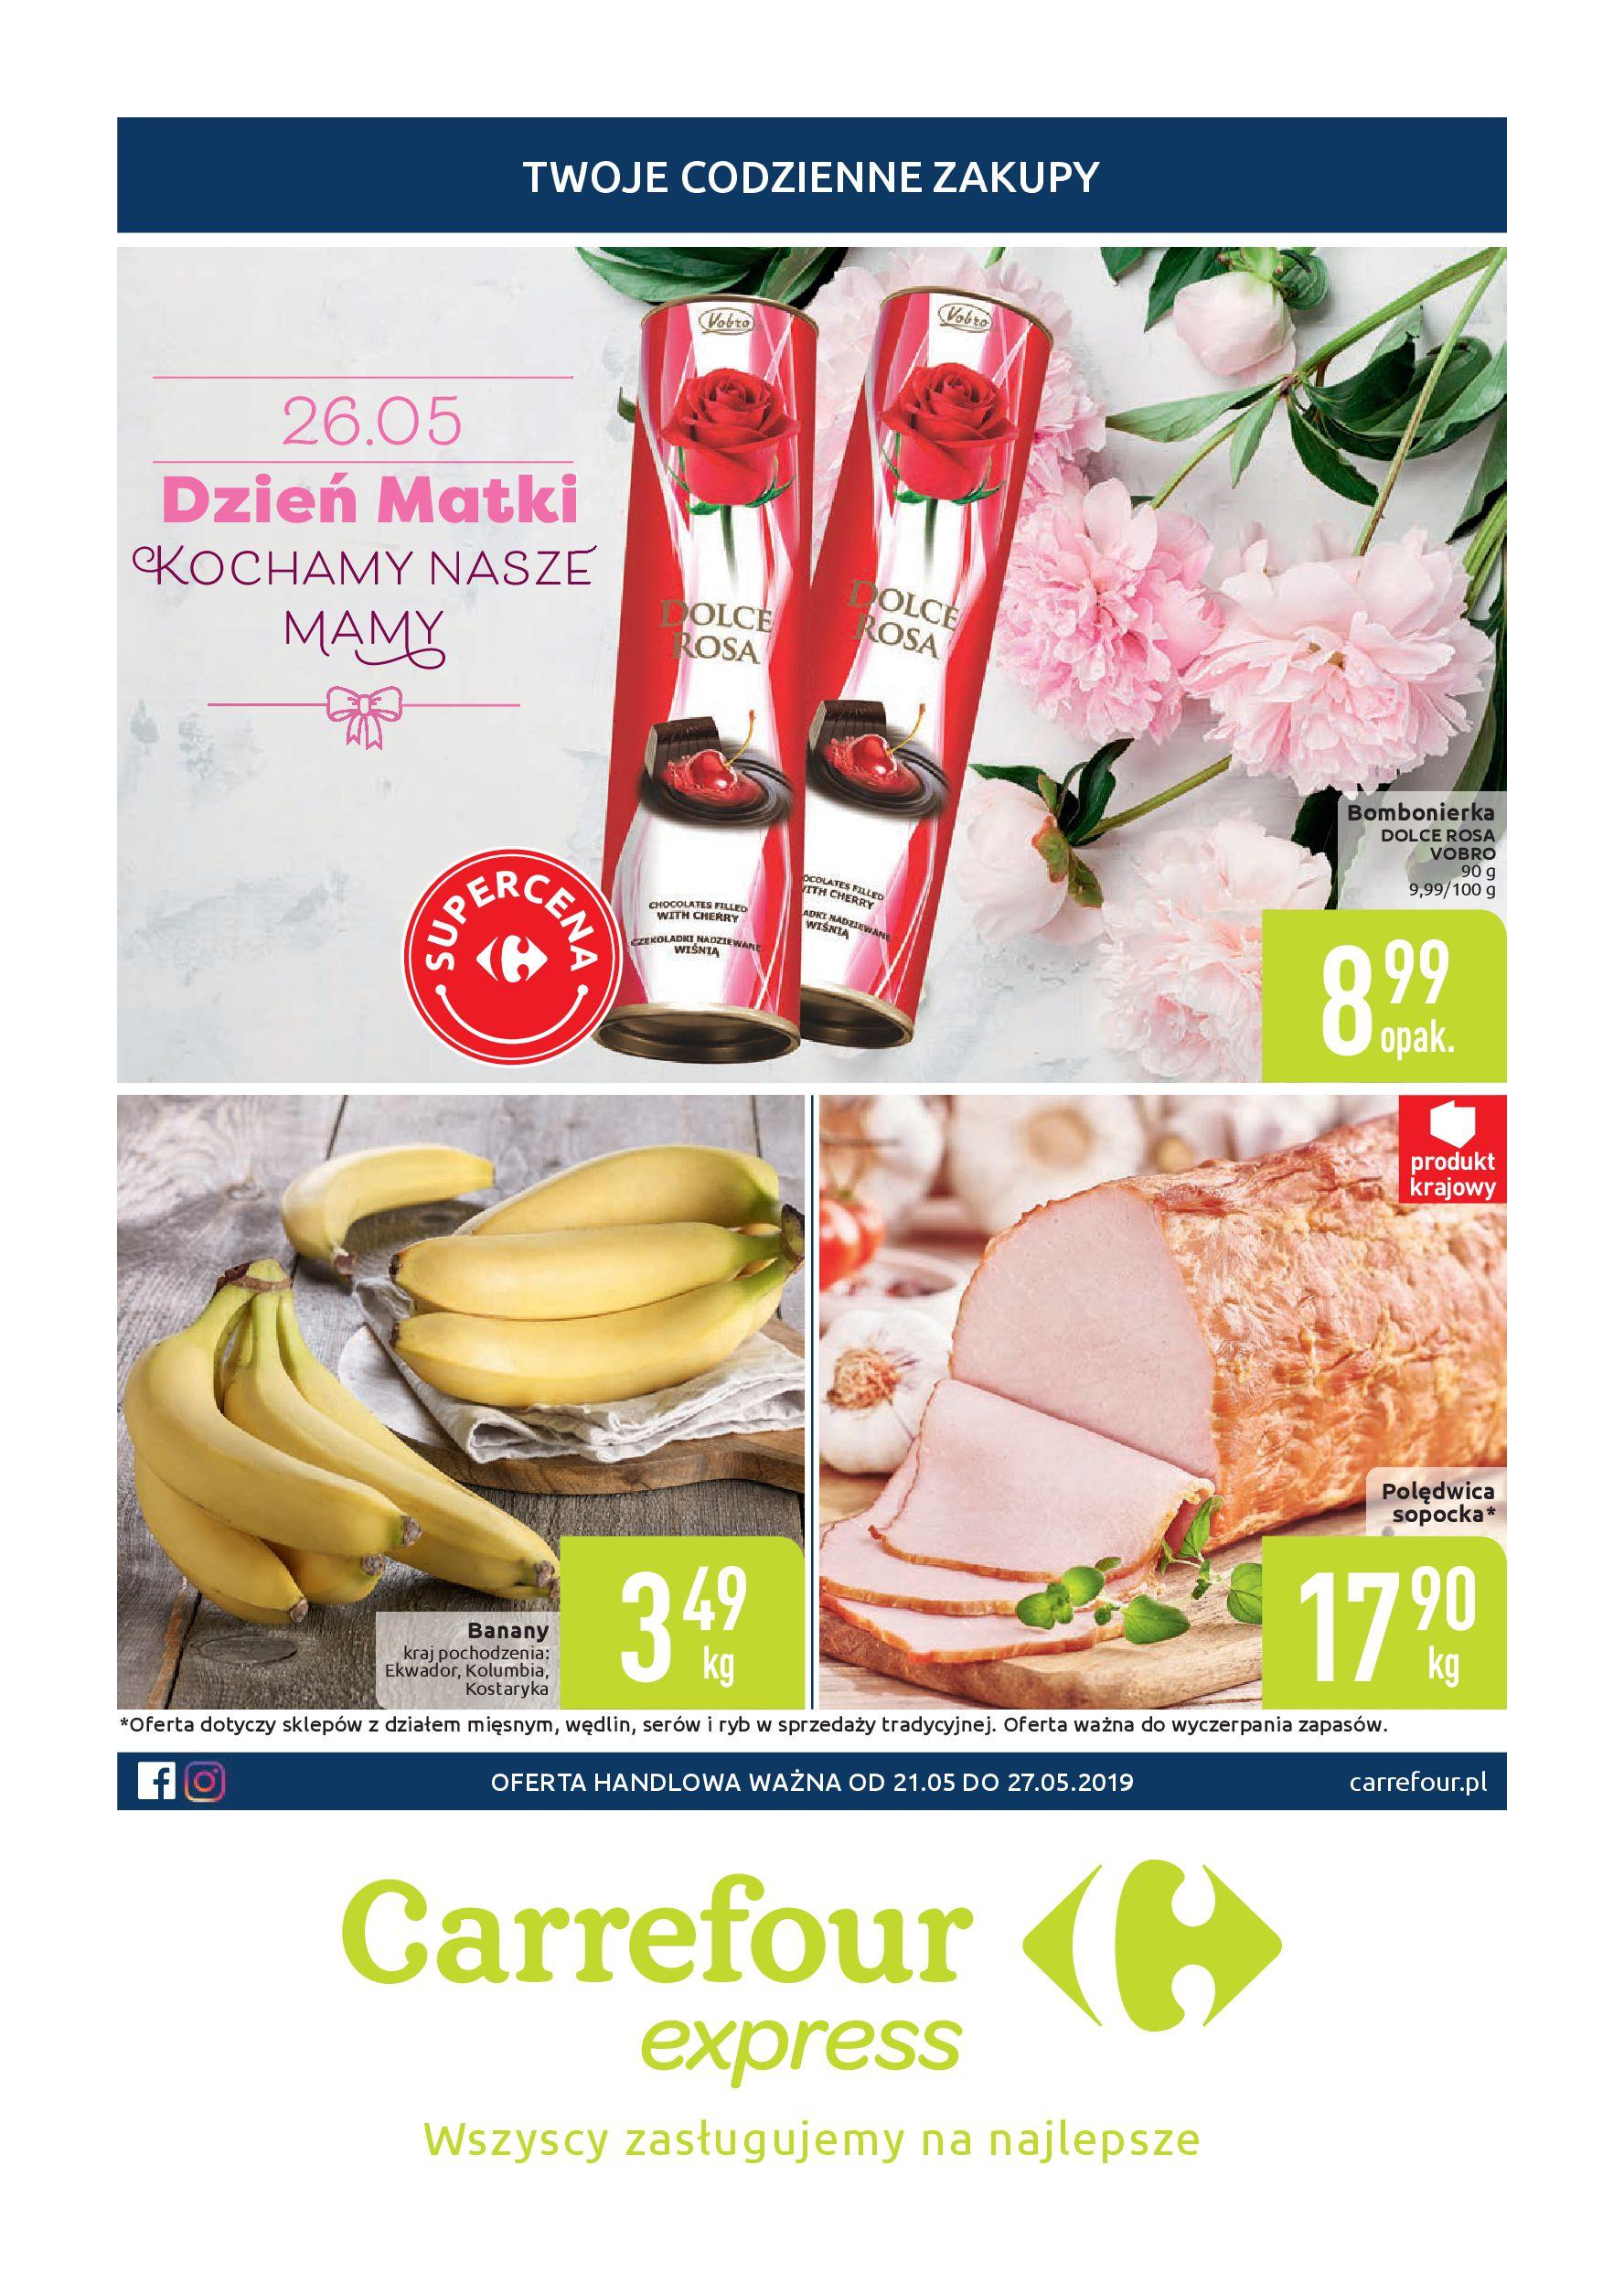 Gazetka Carrefour Express - Twoje codzienne zakupy-20.05.2019-27.05.2019-page-